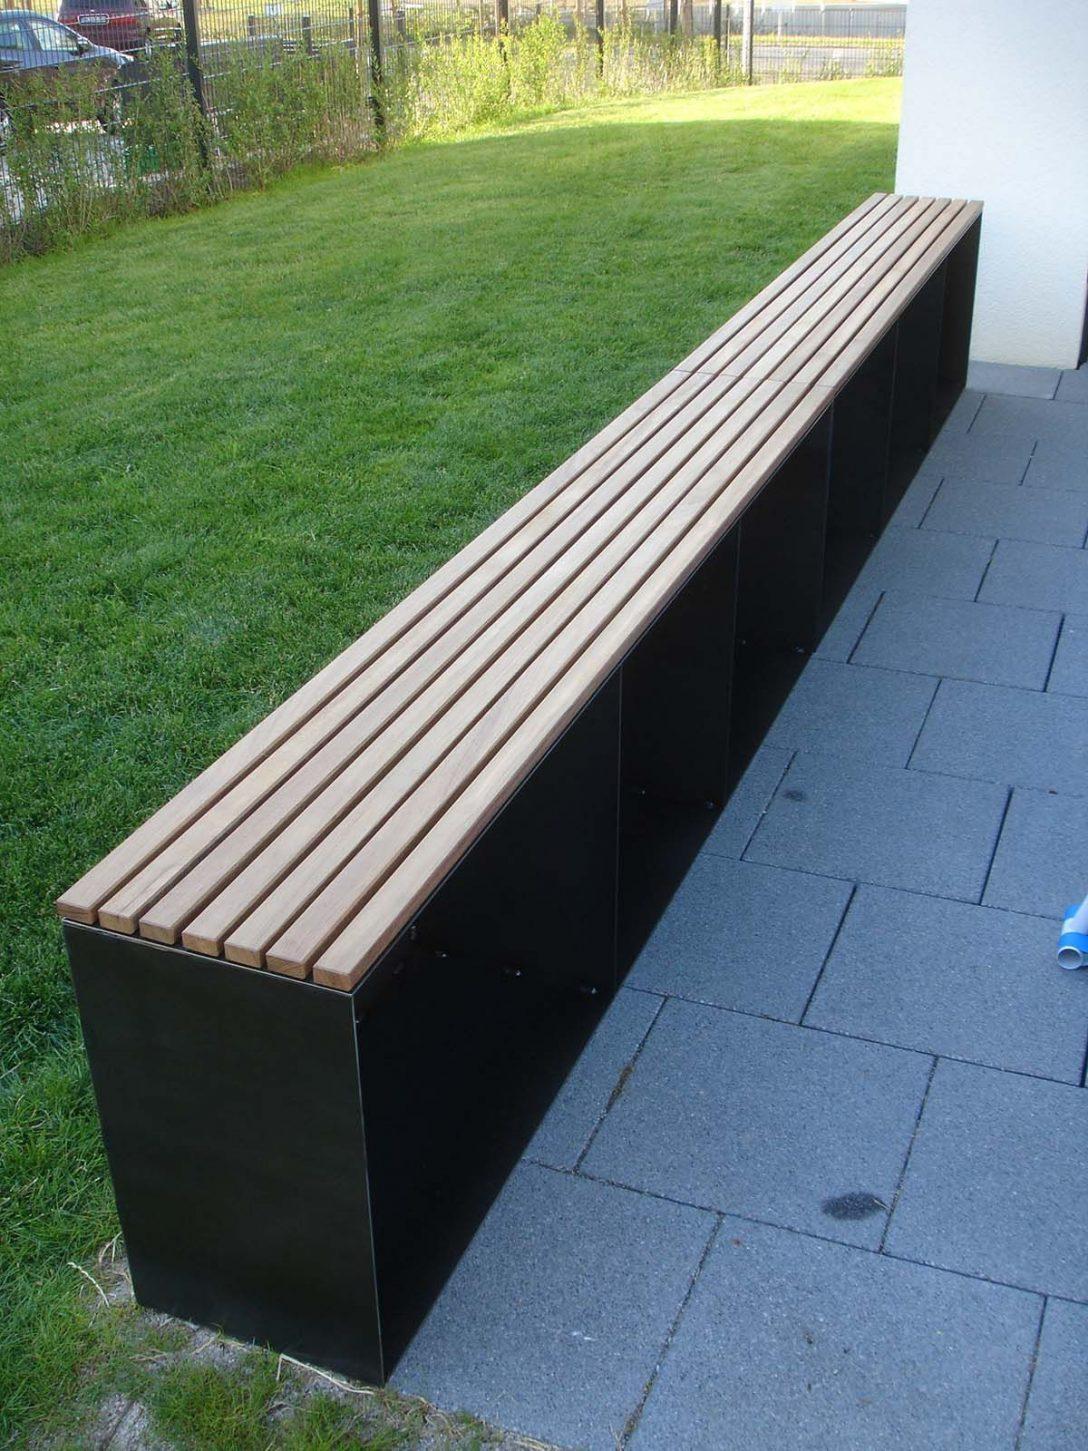 Large Size of Sitzbank Garten Design Metallmoebel Stahlmoebel Sideboard Stahl Holz Eiche Vertikal Loungemöbel Wassertank Trennwand Günstig Und Landschaftsbau Hamburg Garten Sitzbank Garten